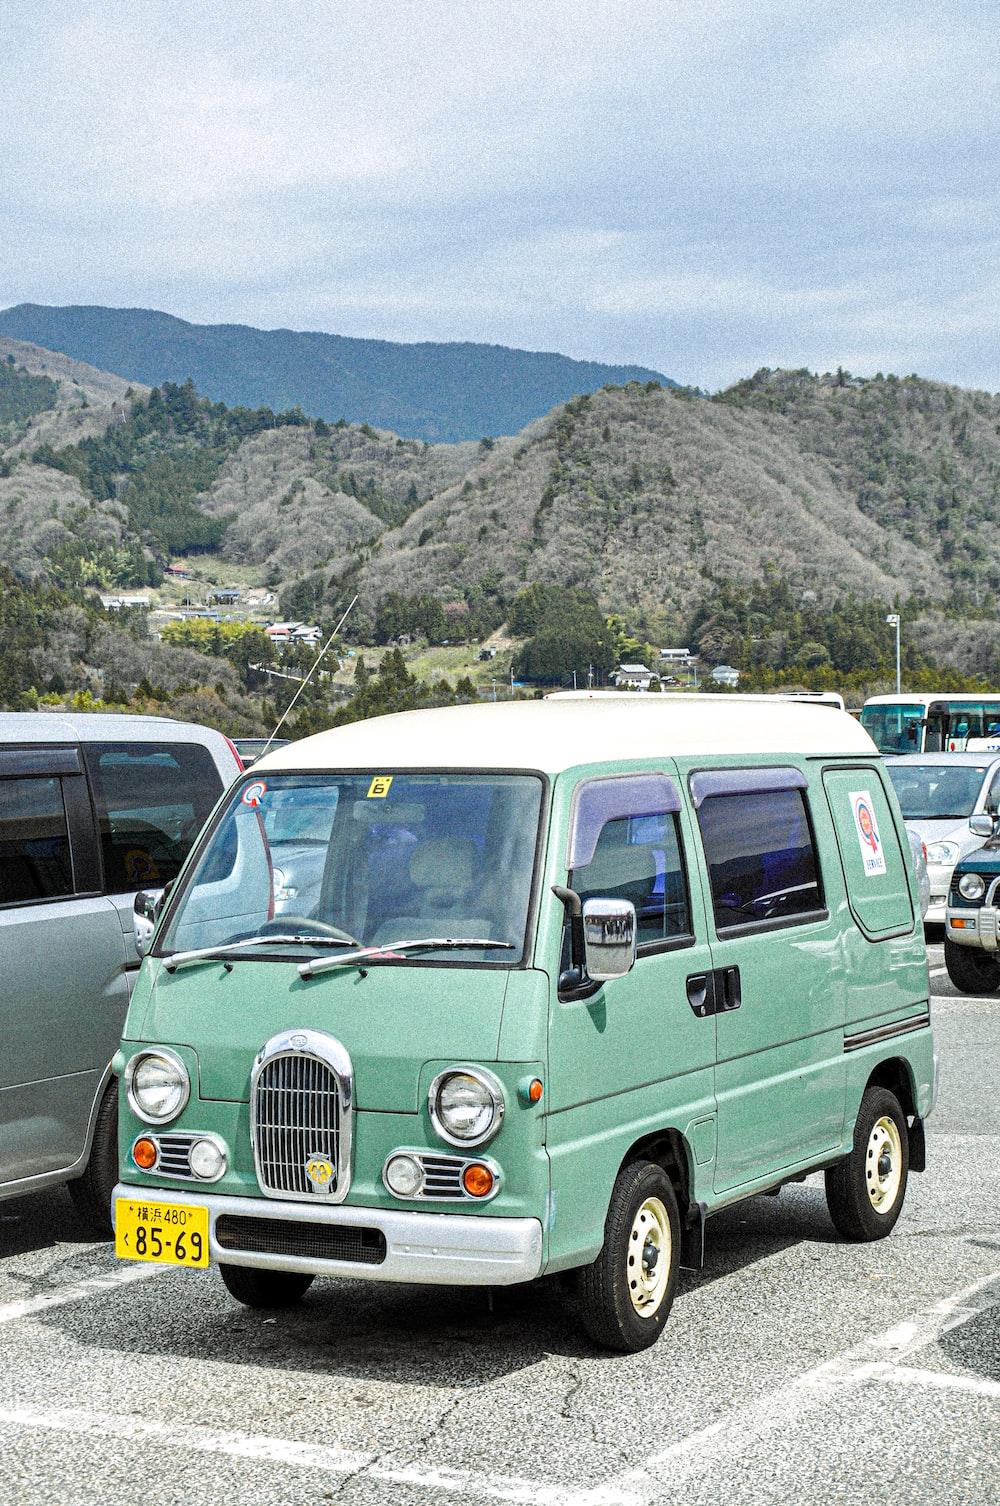 teal van parked on parking lot